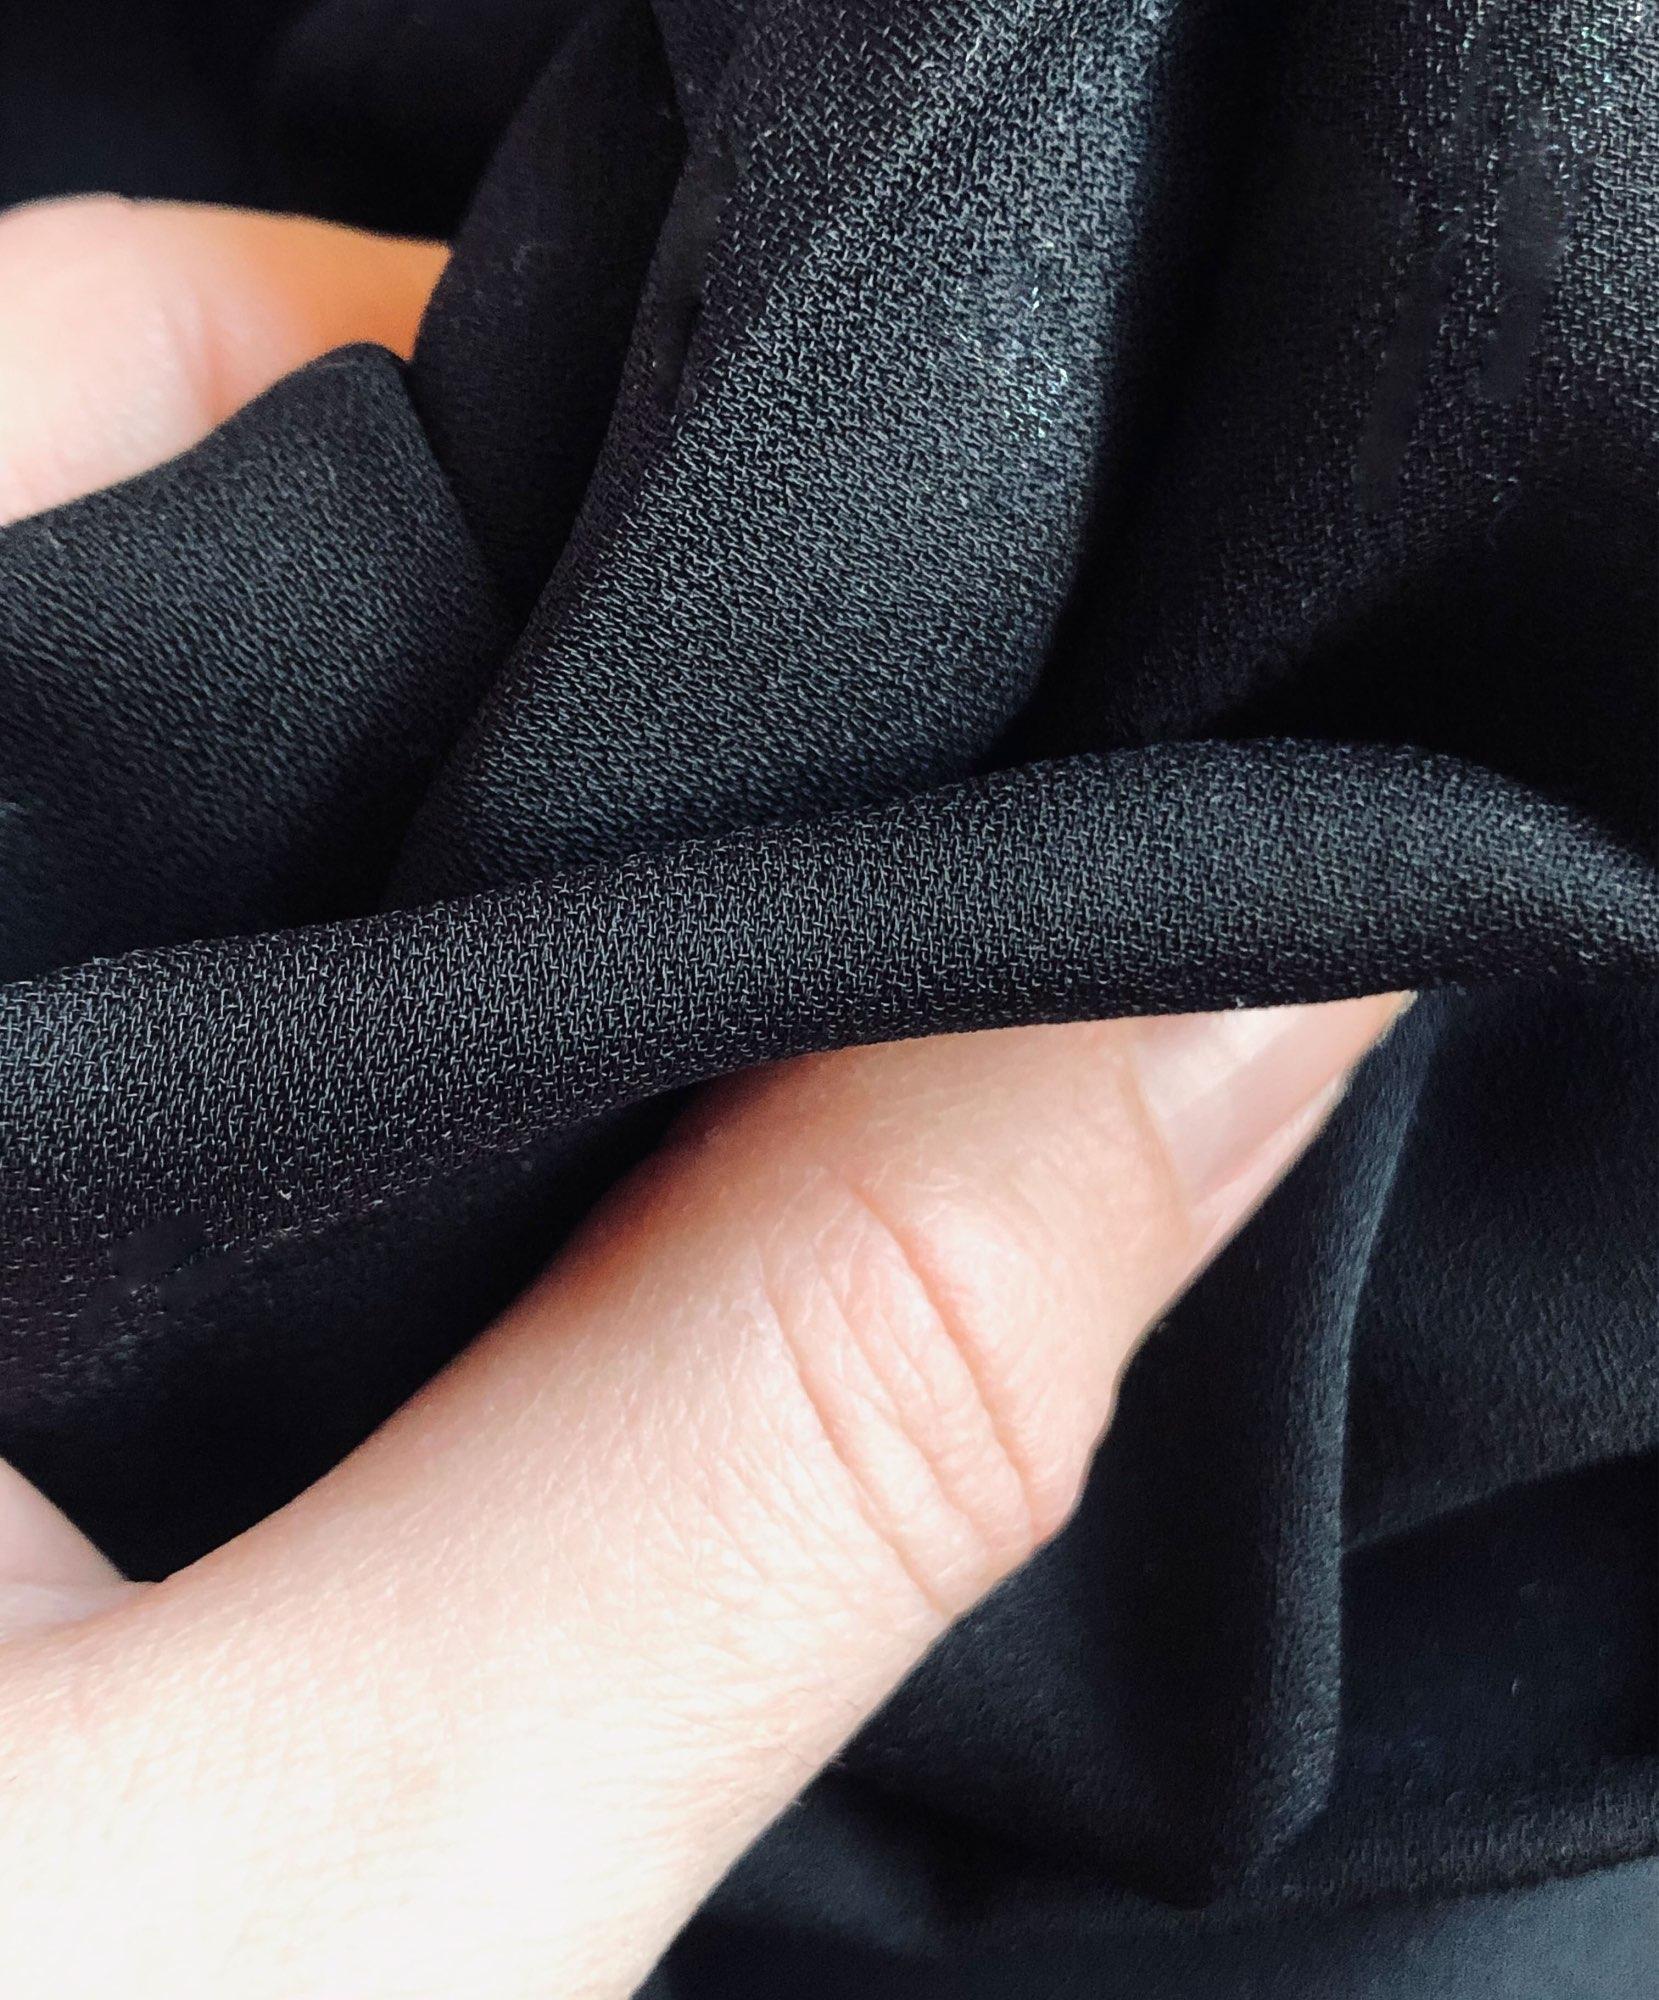 Hot 2019 autumn new fashion women's temperament commuter puff sleeve small high collar natural A word knee Chiffon dress reviews №2 510442